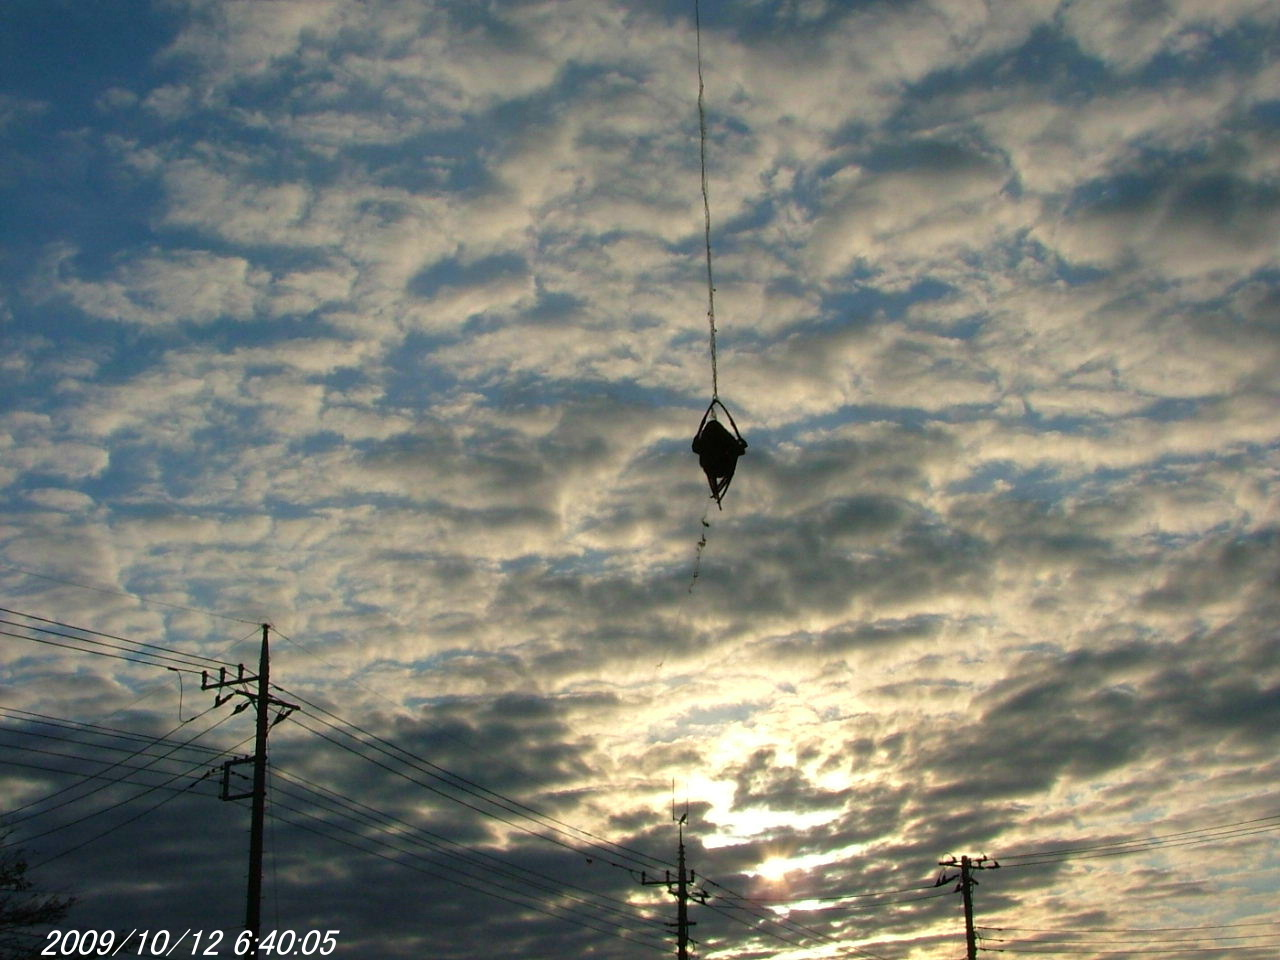 蜘蛛と雲1012画像0010